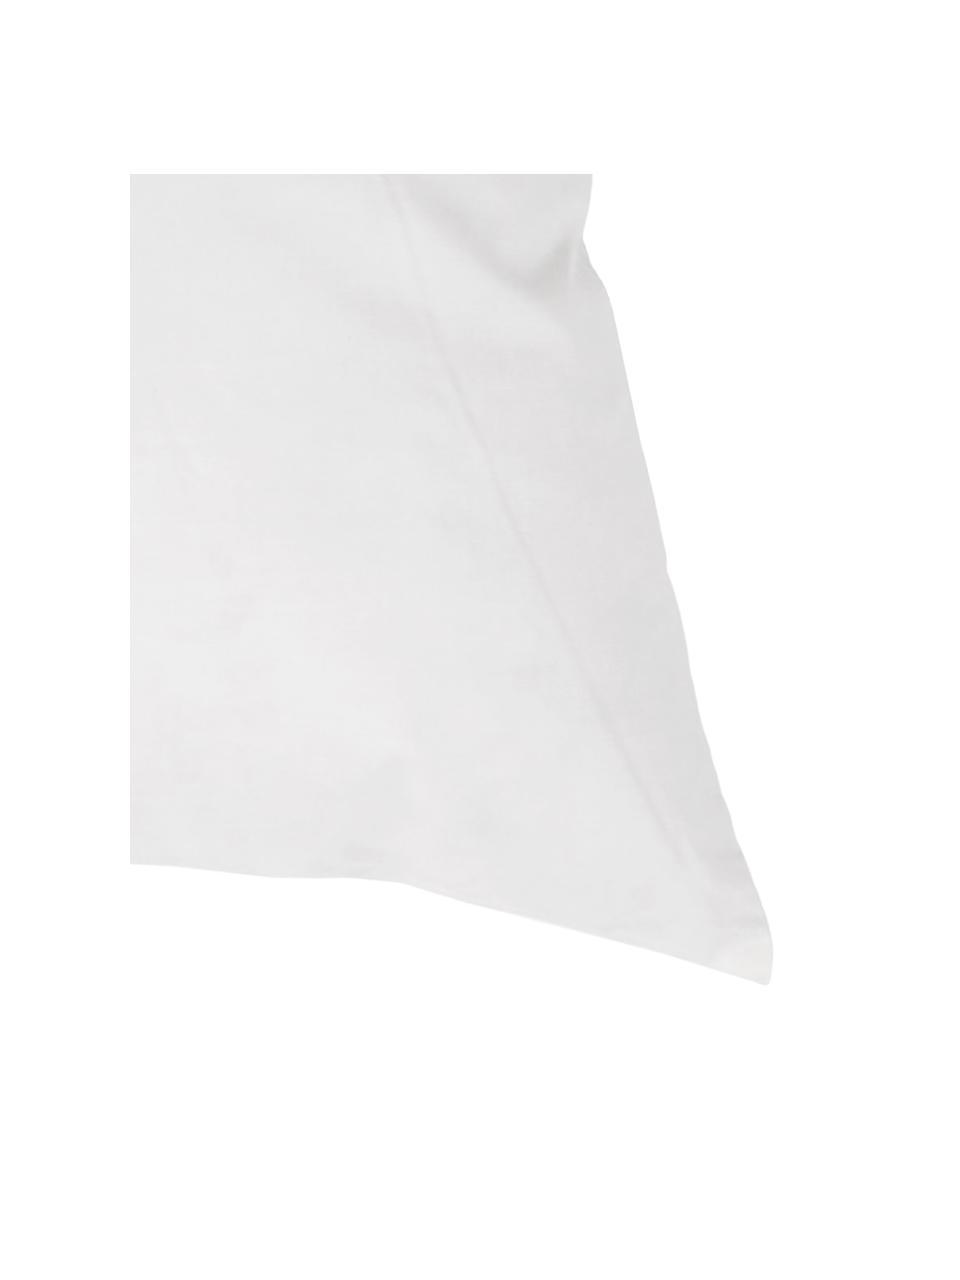 Wkład do poduszki dekoracyjnej z pierza Komfort, 40x60, Biały, S 40 x D 60 cm